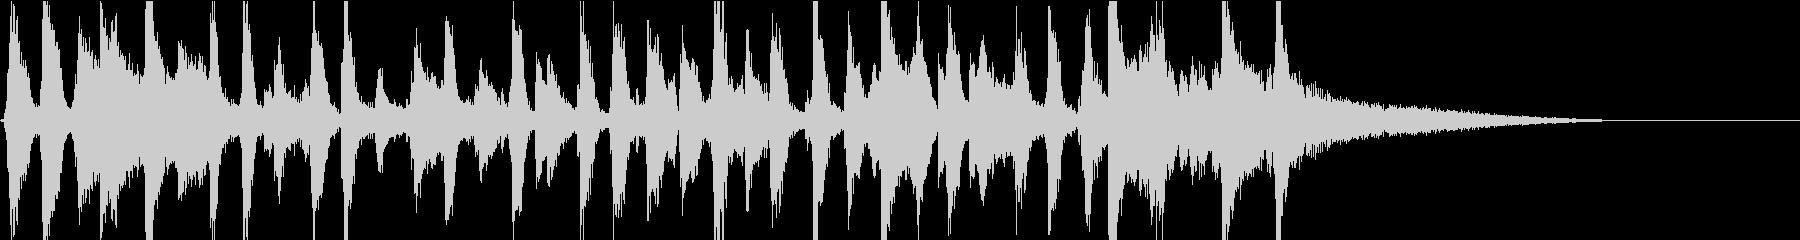 軽快なオールドスタイルジャズジングルの未再生の波形